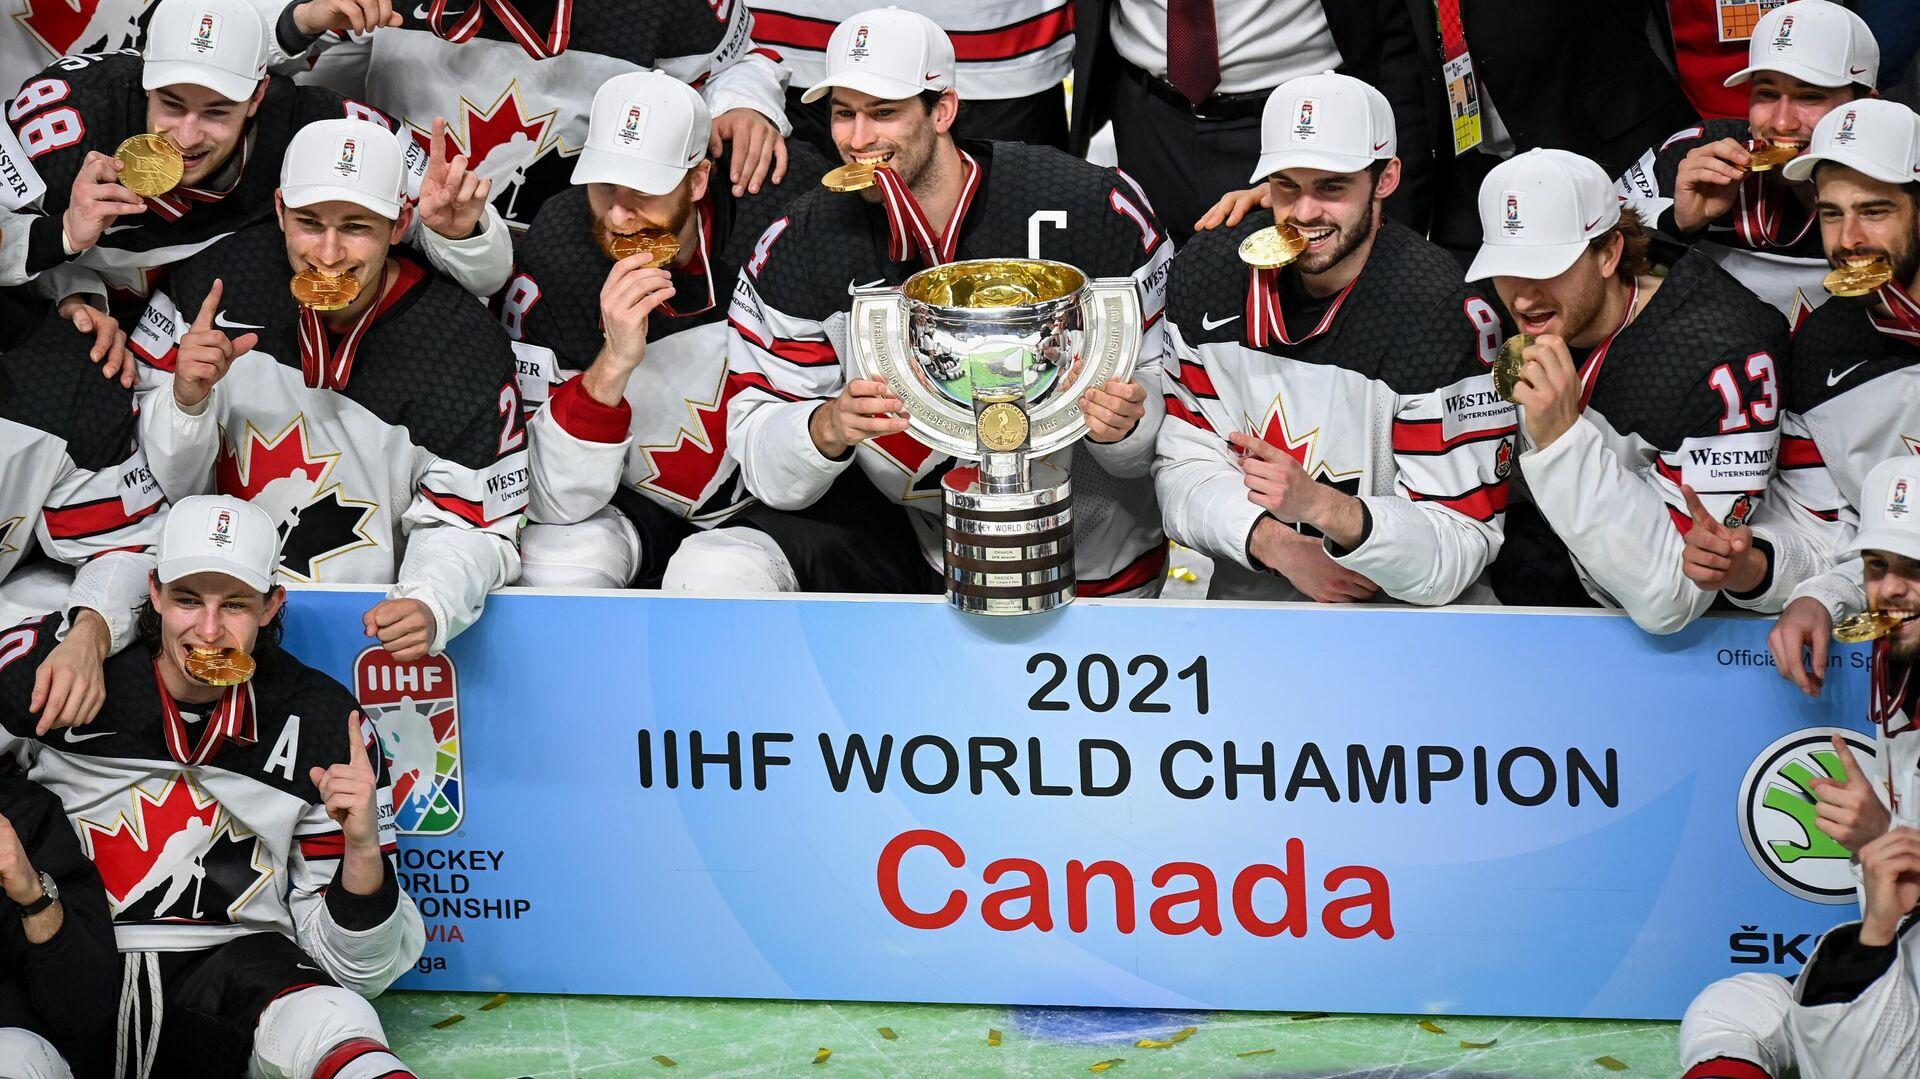 Игроки сборной Канады на церемонии награждения после окончания финального матча чемпионата мира по хоккею 2021 между сборными командами Финляндии и Канады. - Sputnik Латвия, 1920, 07.06.2021